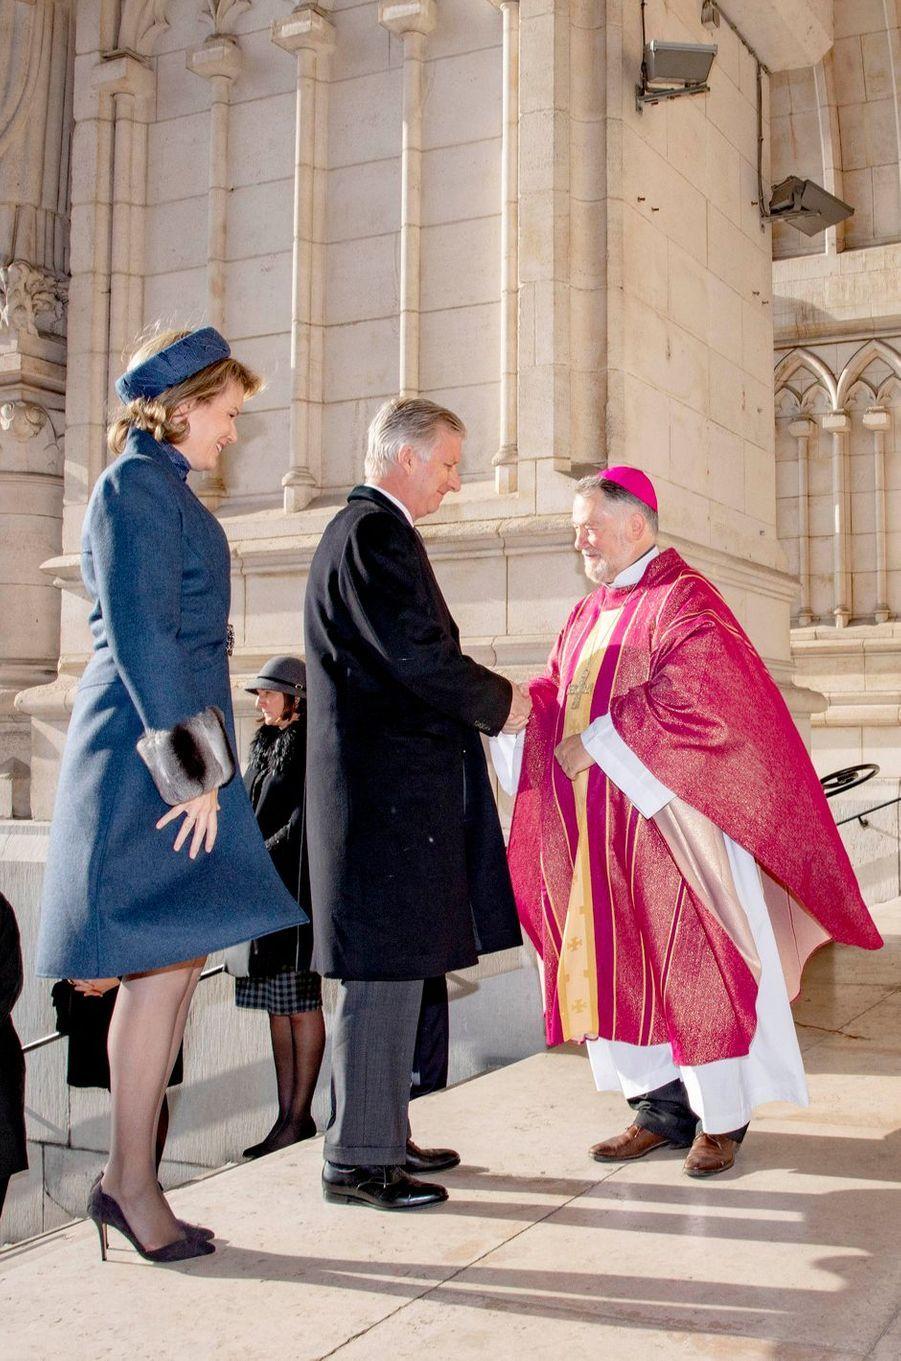 La reine Mathilde de Belgique et le roi des Belges Philippe à Bruxelles, le 19 février 2019